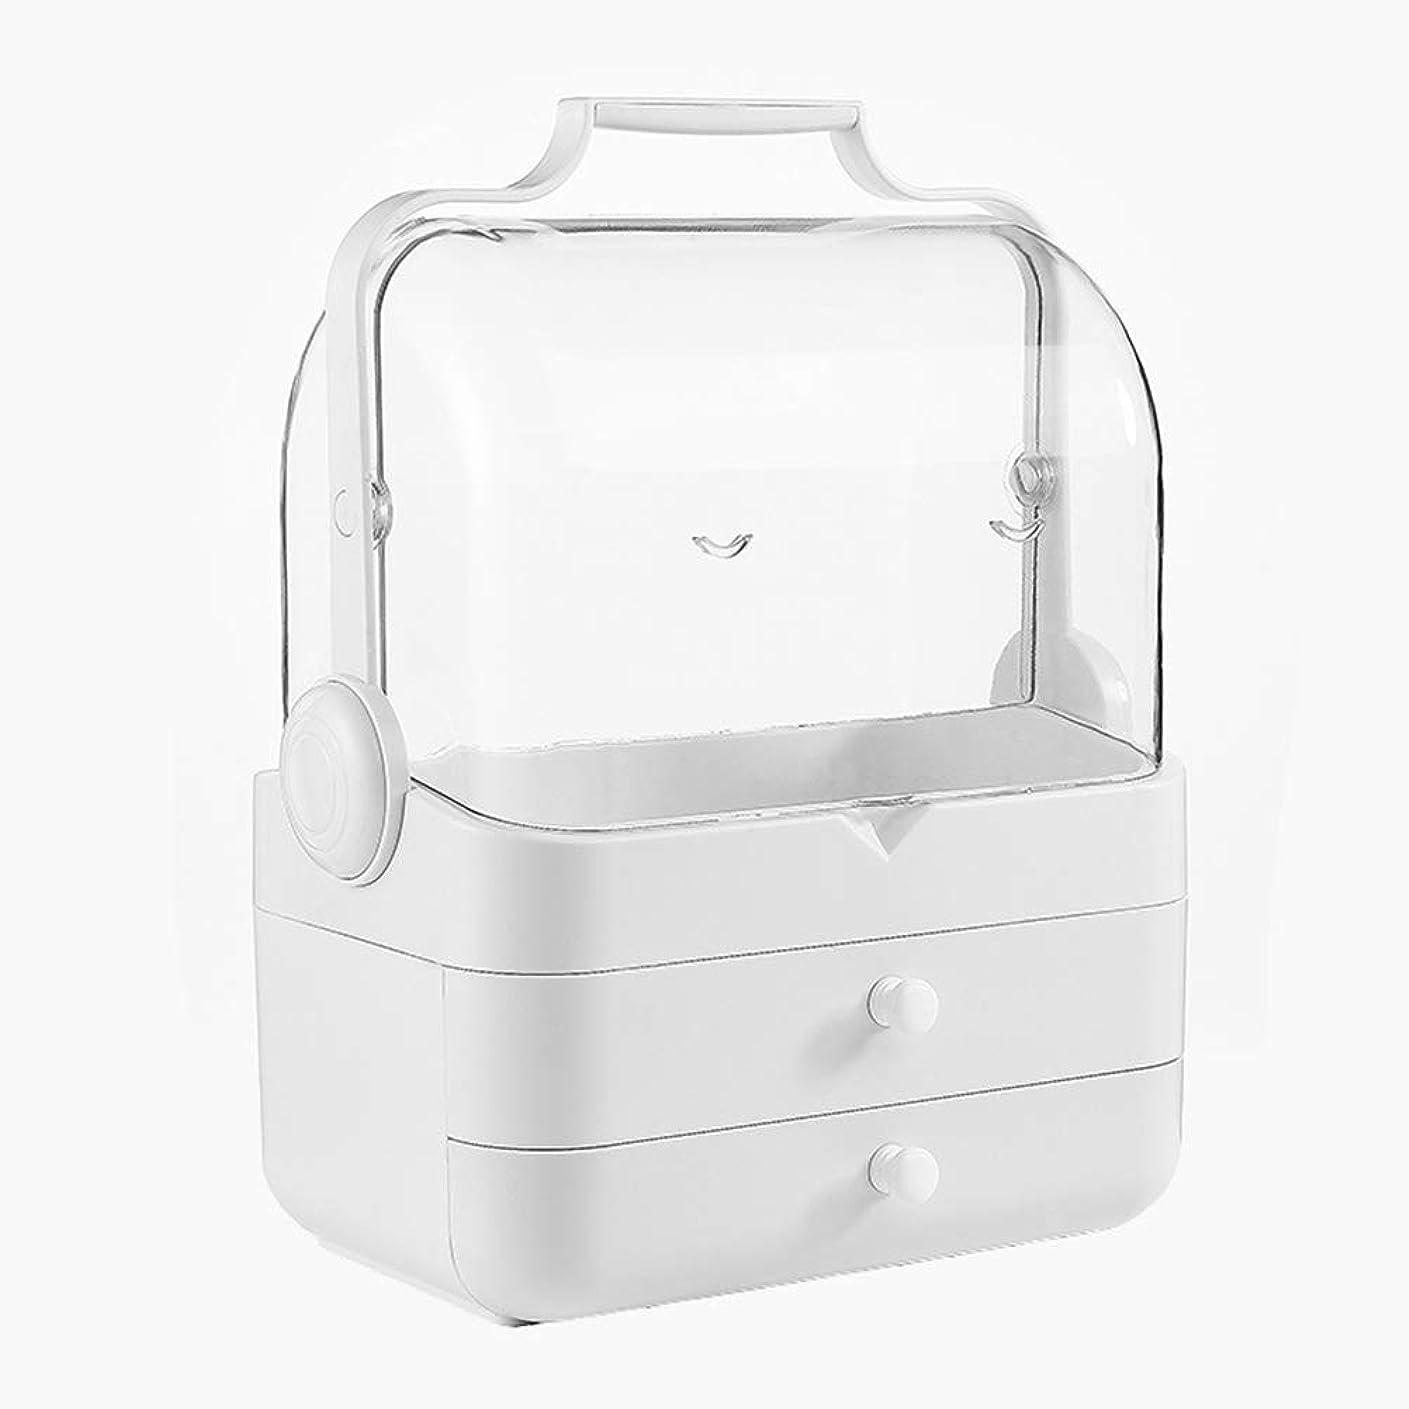 ふける浪費ブランチ化粧品収納ボックス コスメボックス メイクボックス 多容量 蓋付き 持ち運び 引き出し付き 可愛い 化粧箱 大きめ 防塵防水 オシャレ 可愛い 透明 小物入れ 卓上収納 アクセサリボックス 白